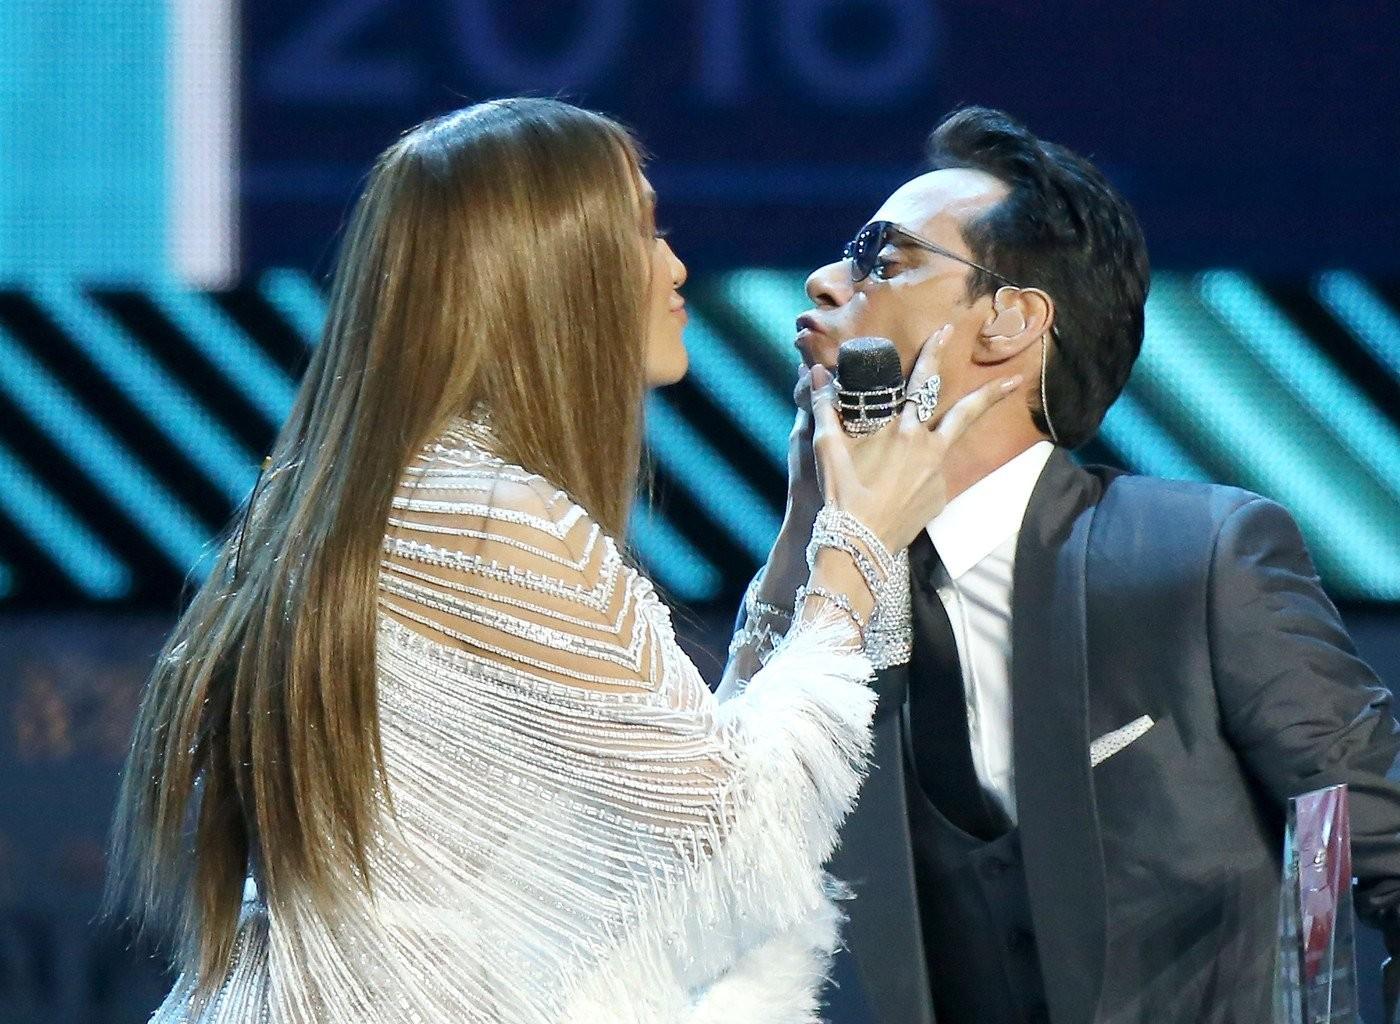 Дженнифер Лопез расцеловала экс-супруга на сцене Latin Grammy